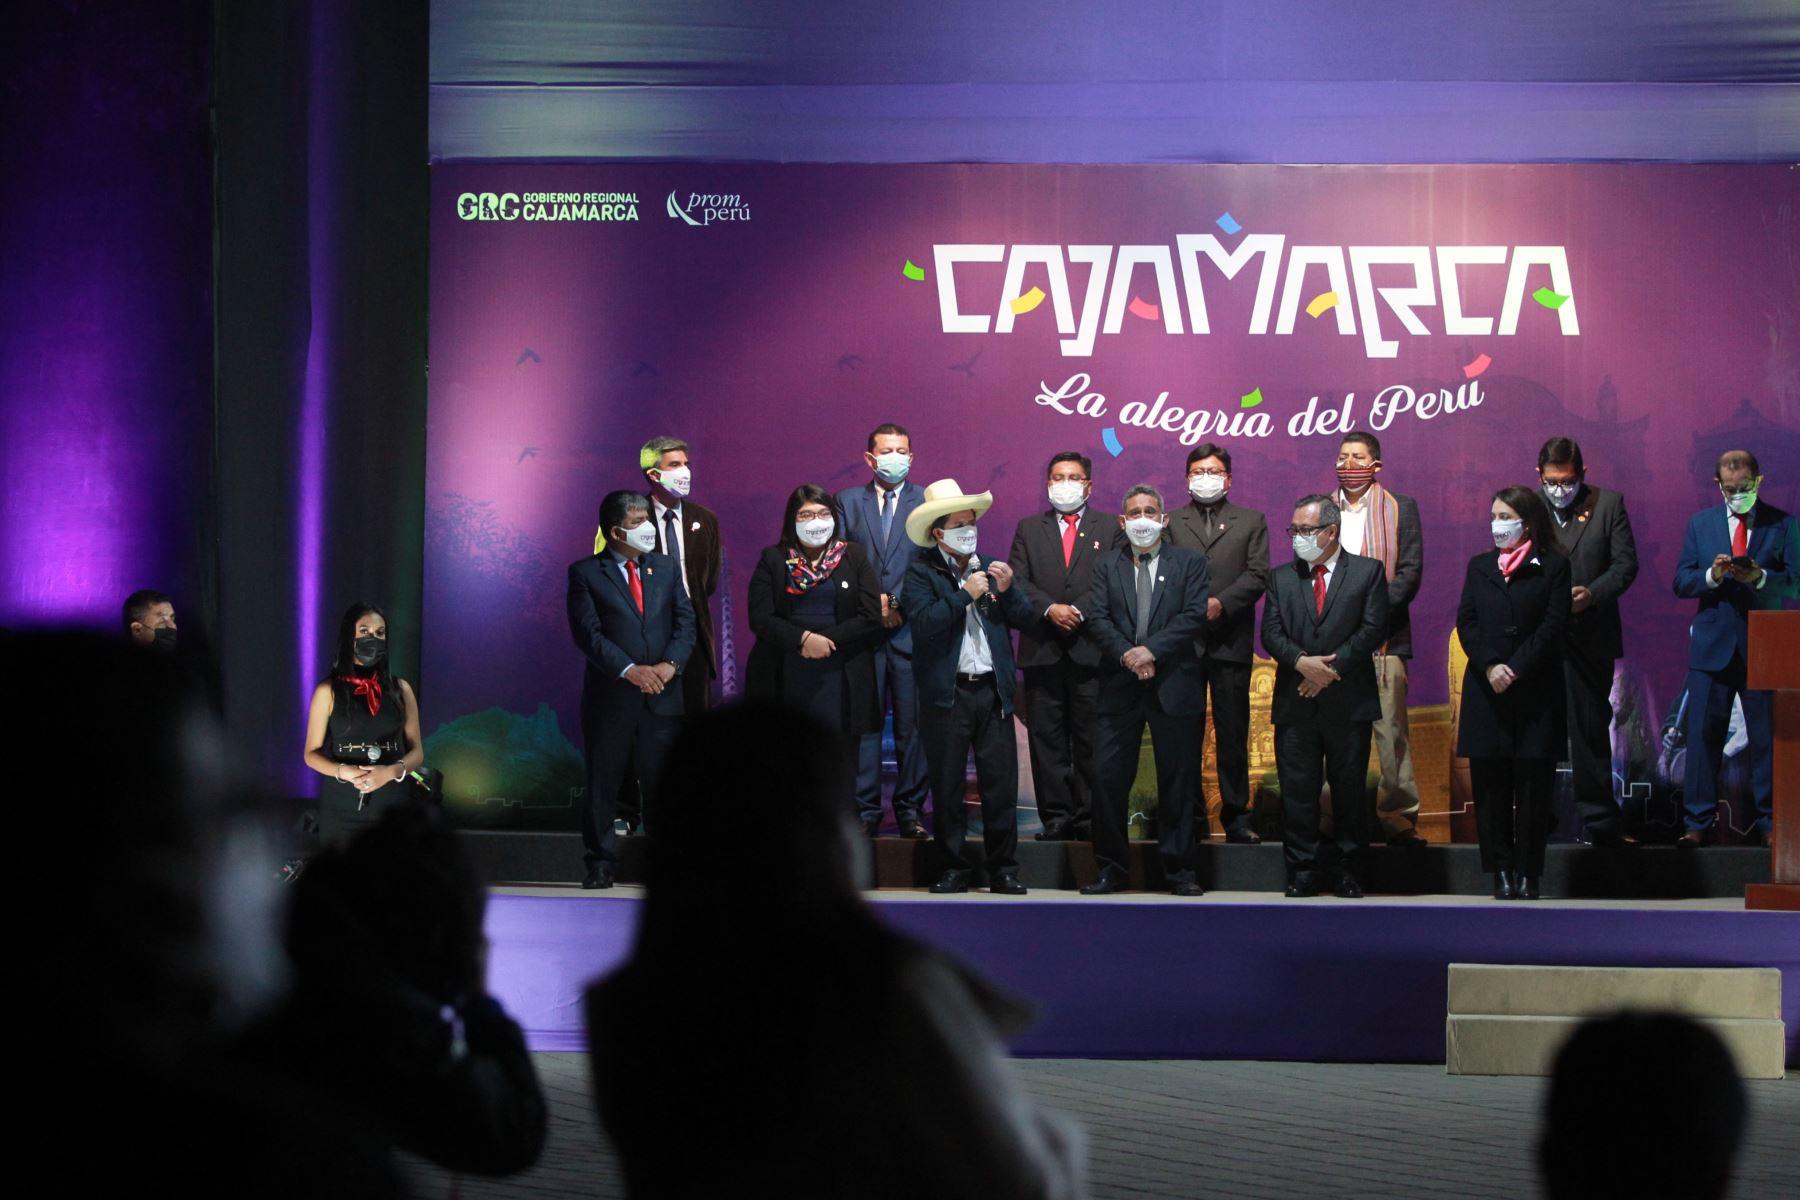 El presidente electo, Pedro Castillo, asistió esta noche al lanzamiento de la Marca Cajamarca, evento que tiene como objetivo promocionar diversos atractivos turísticos que tiene el país. Foto: ANDINA/Jhony Laurente